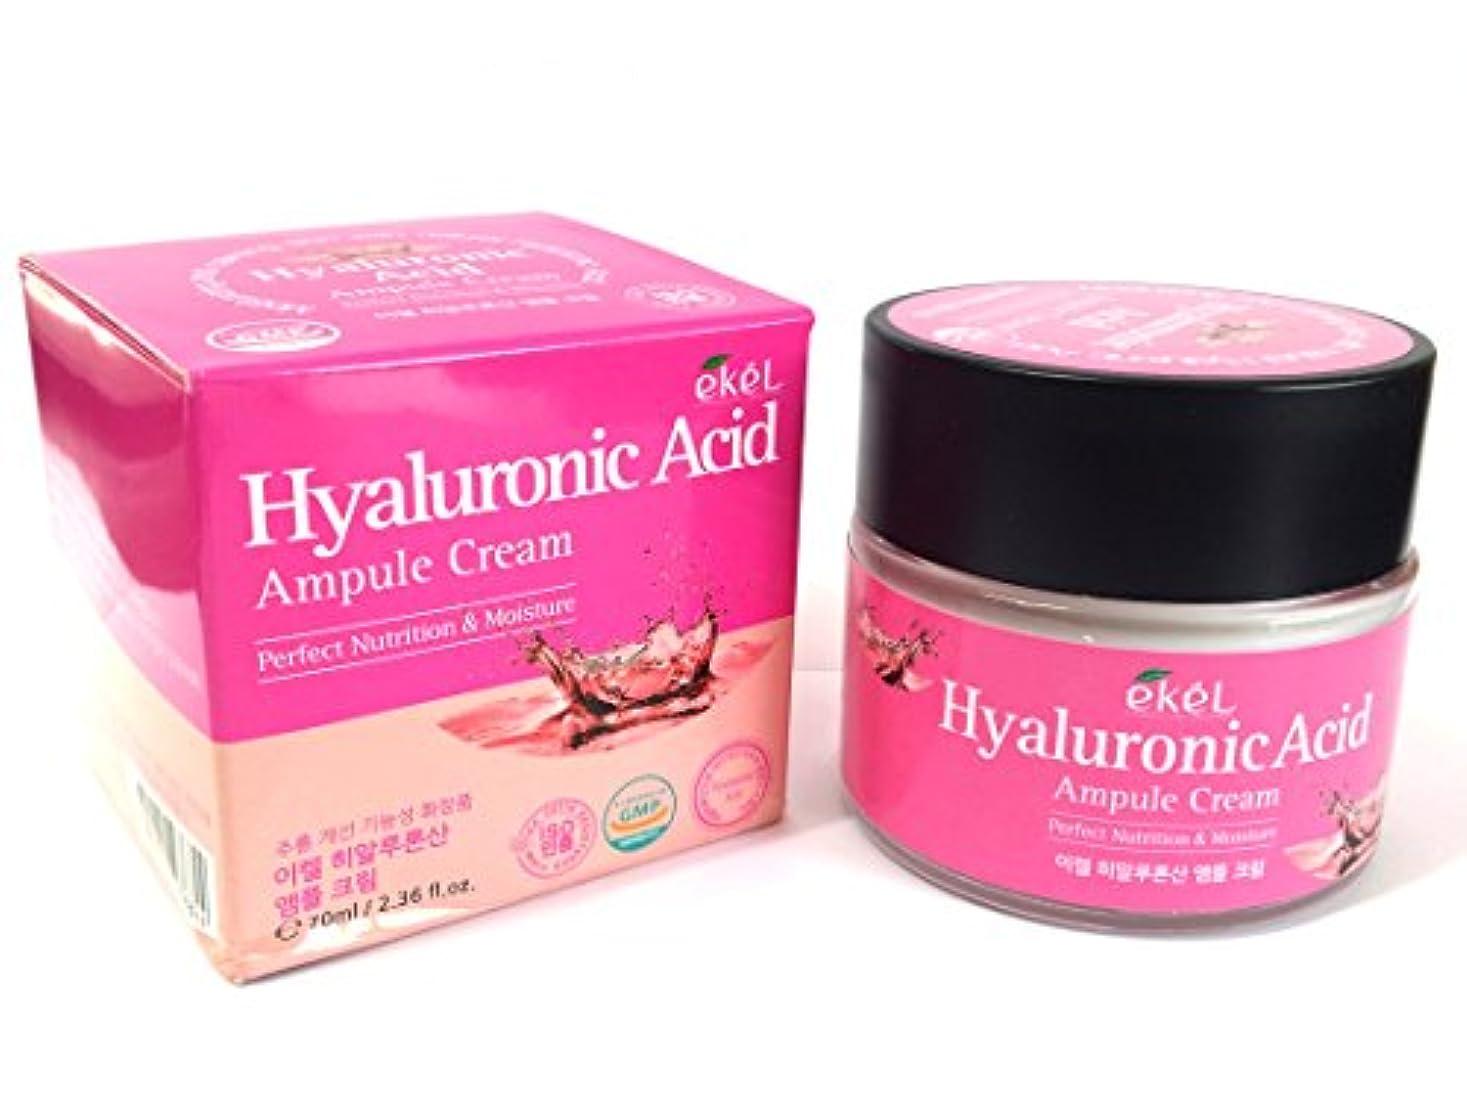 均等にアブセイつなぐ[EKEL] ヒアルロン酸アンプルクリーム70ml / 完璧な栄養と水分 / 韓国化粧品/ Hyaluronic Acid Ampule Cream 70ml / Perfect Nutrition & Moisture...